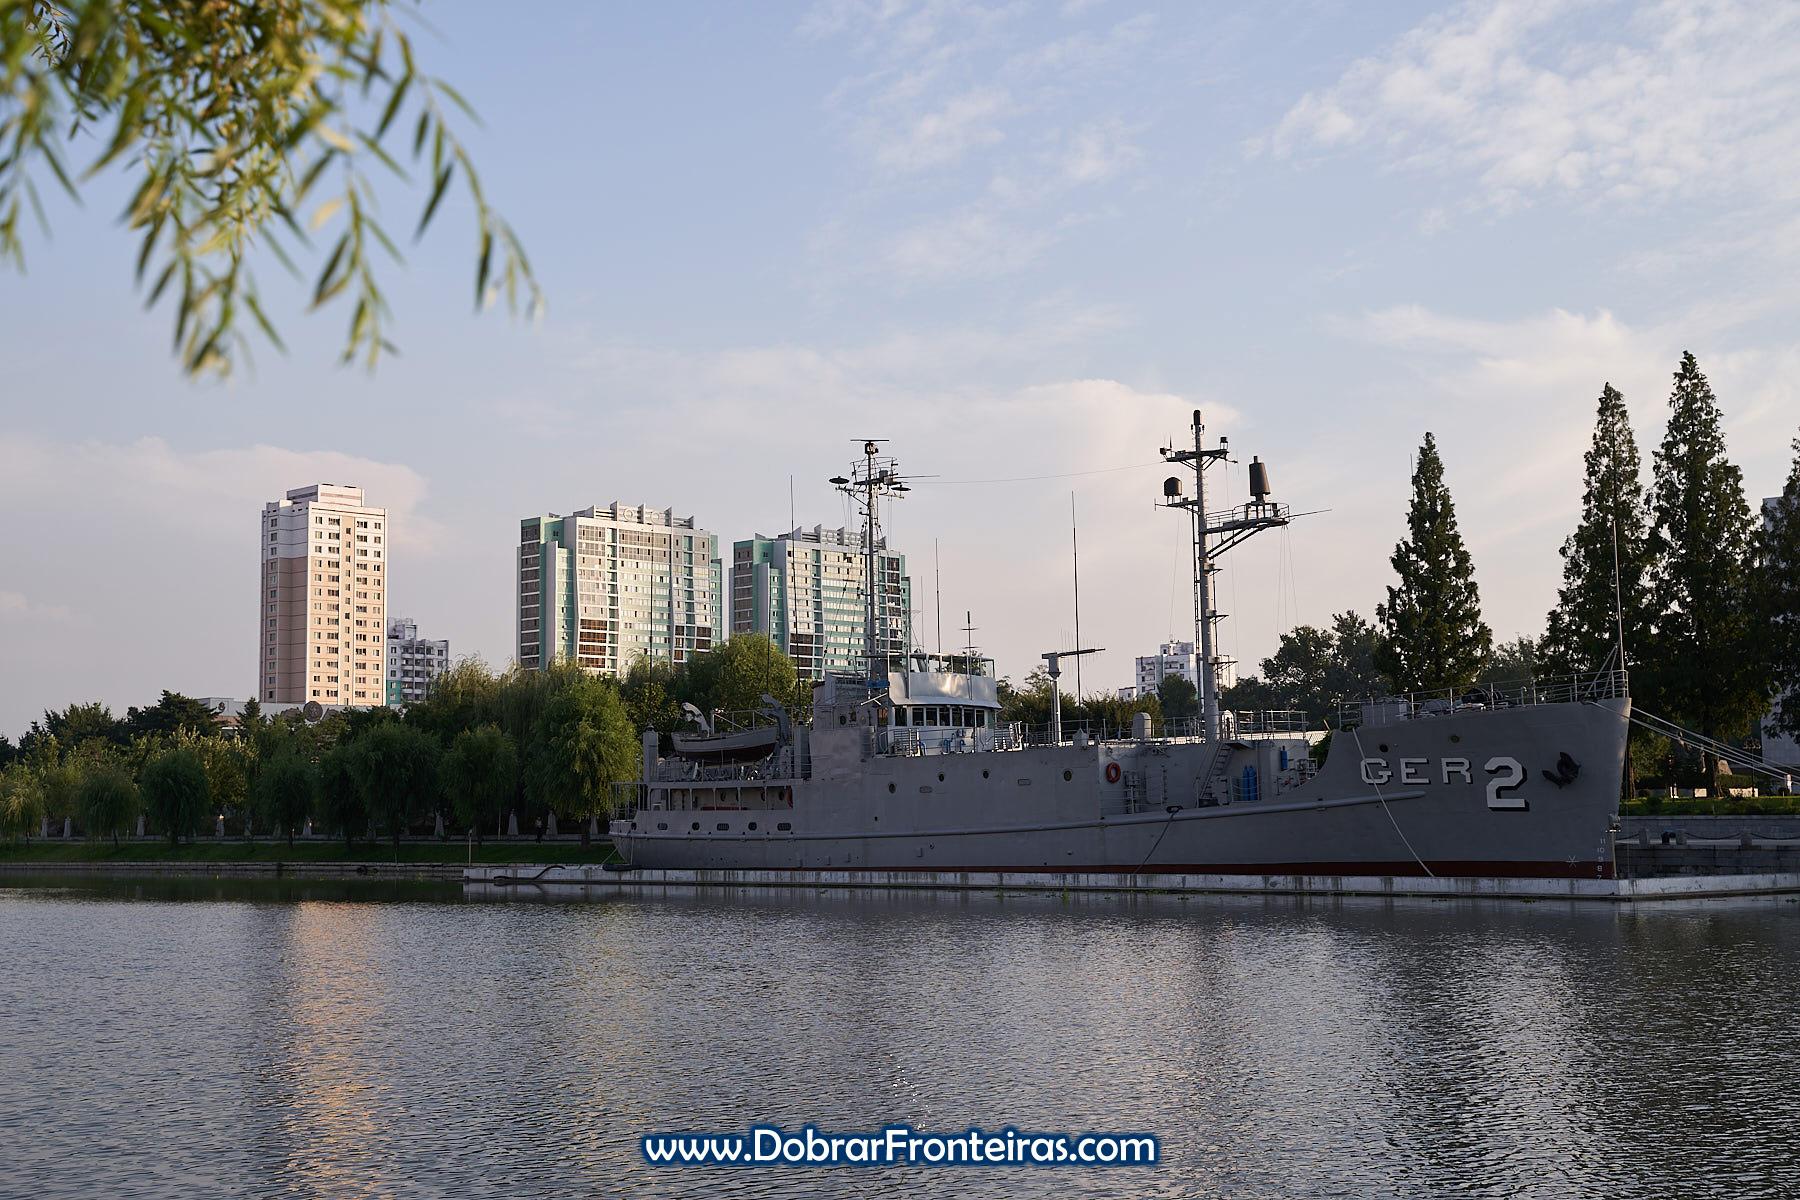 Navio espião americano USS Pueblo GER 2 em Pyongyang